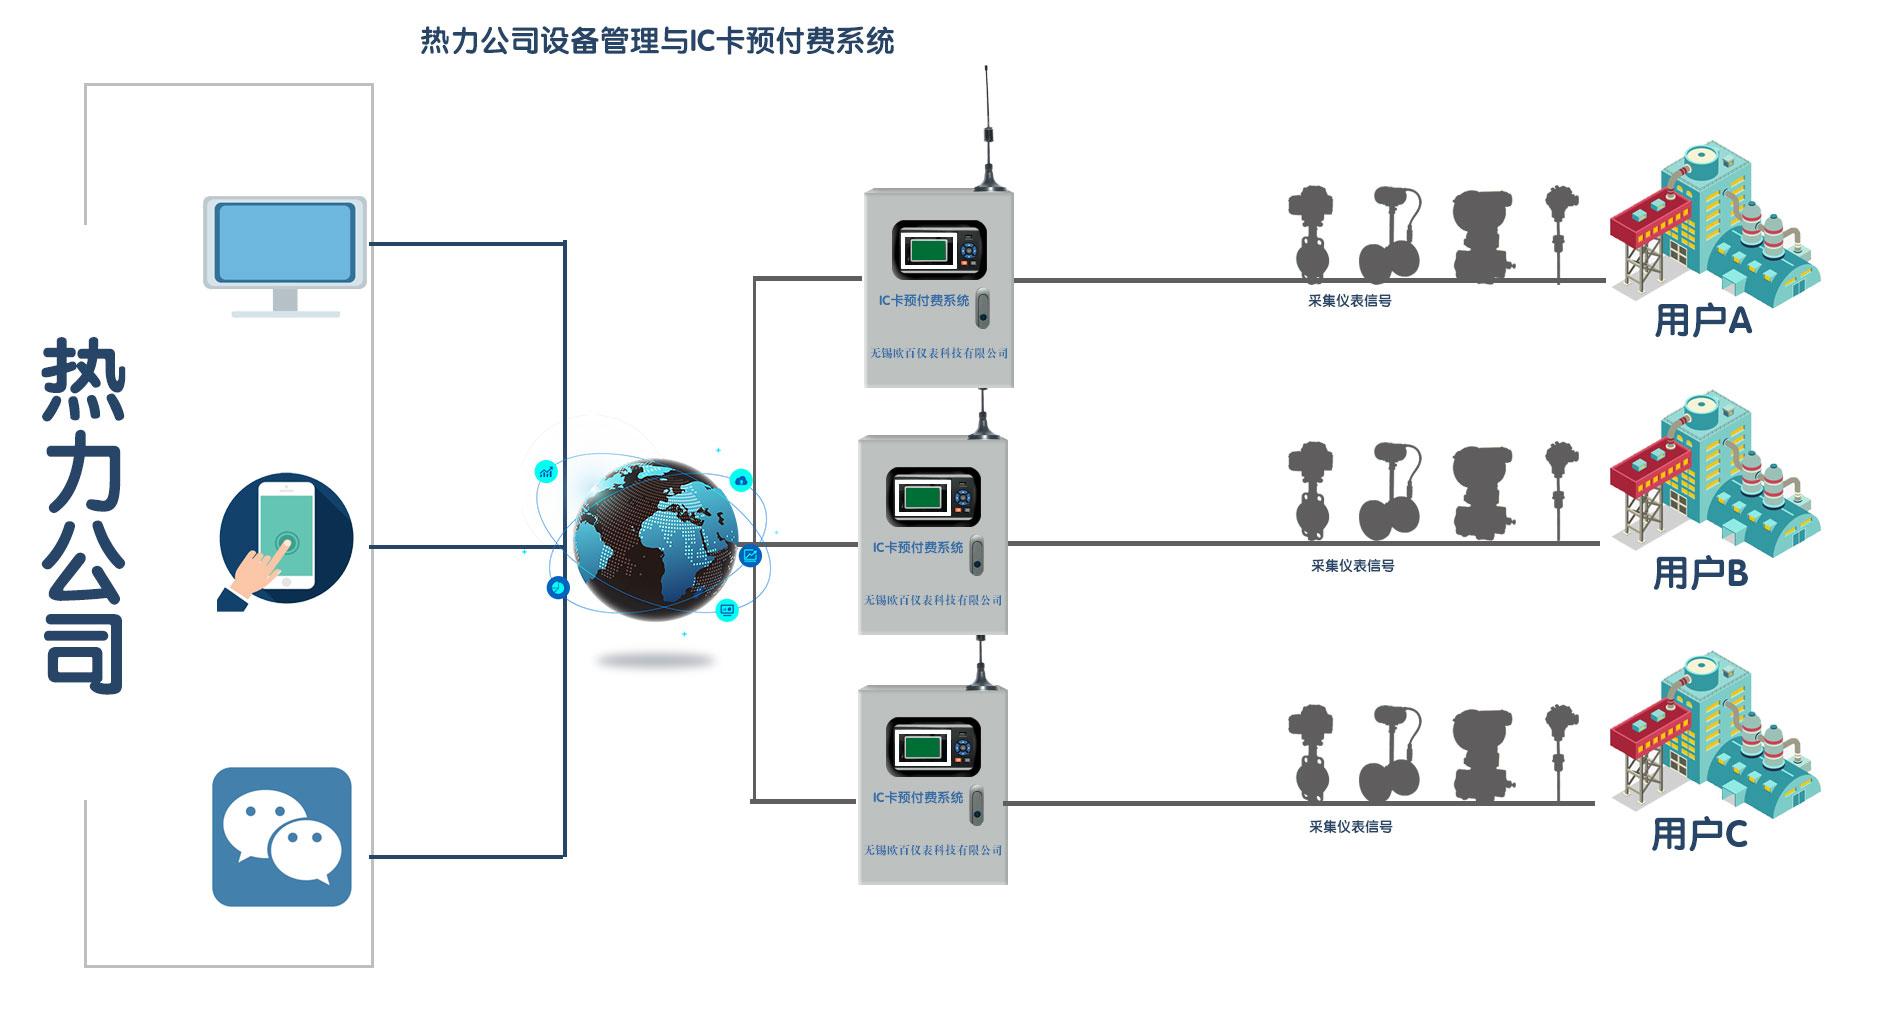 热力公司设备管理无线预付费系统图.jpg